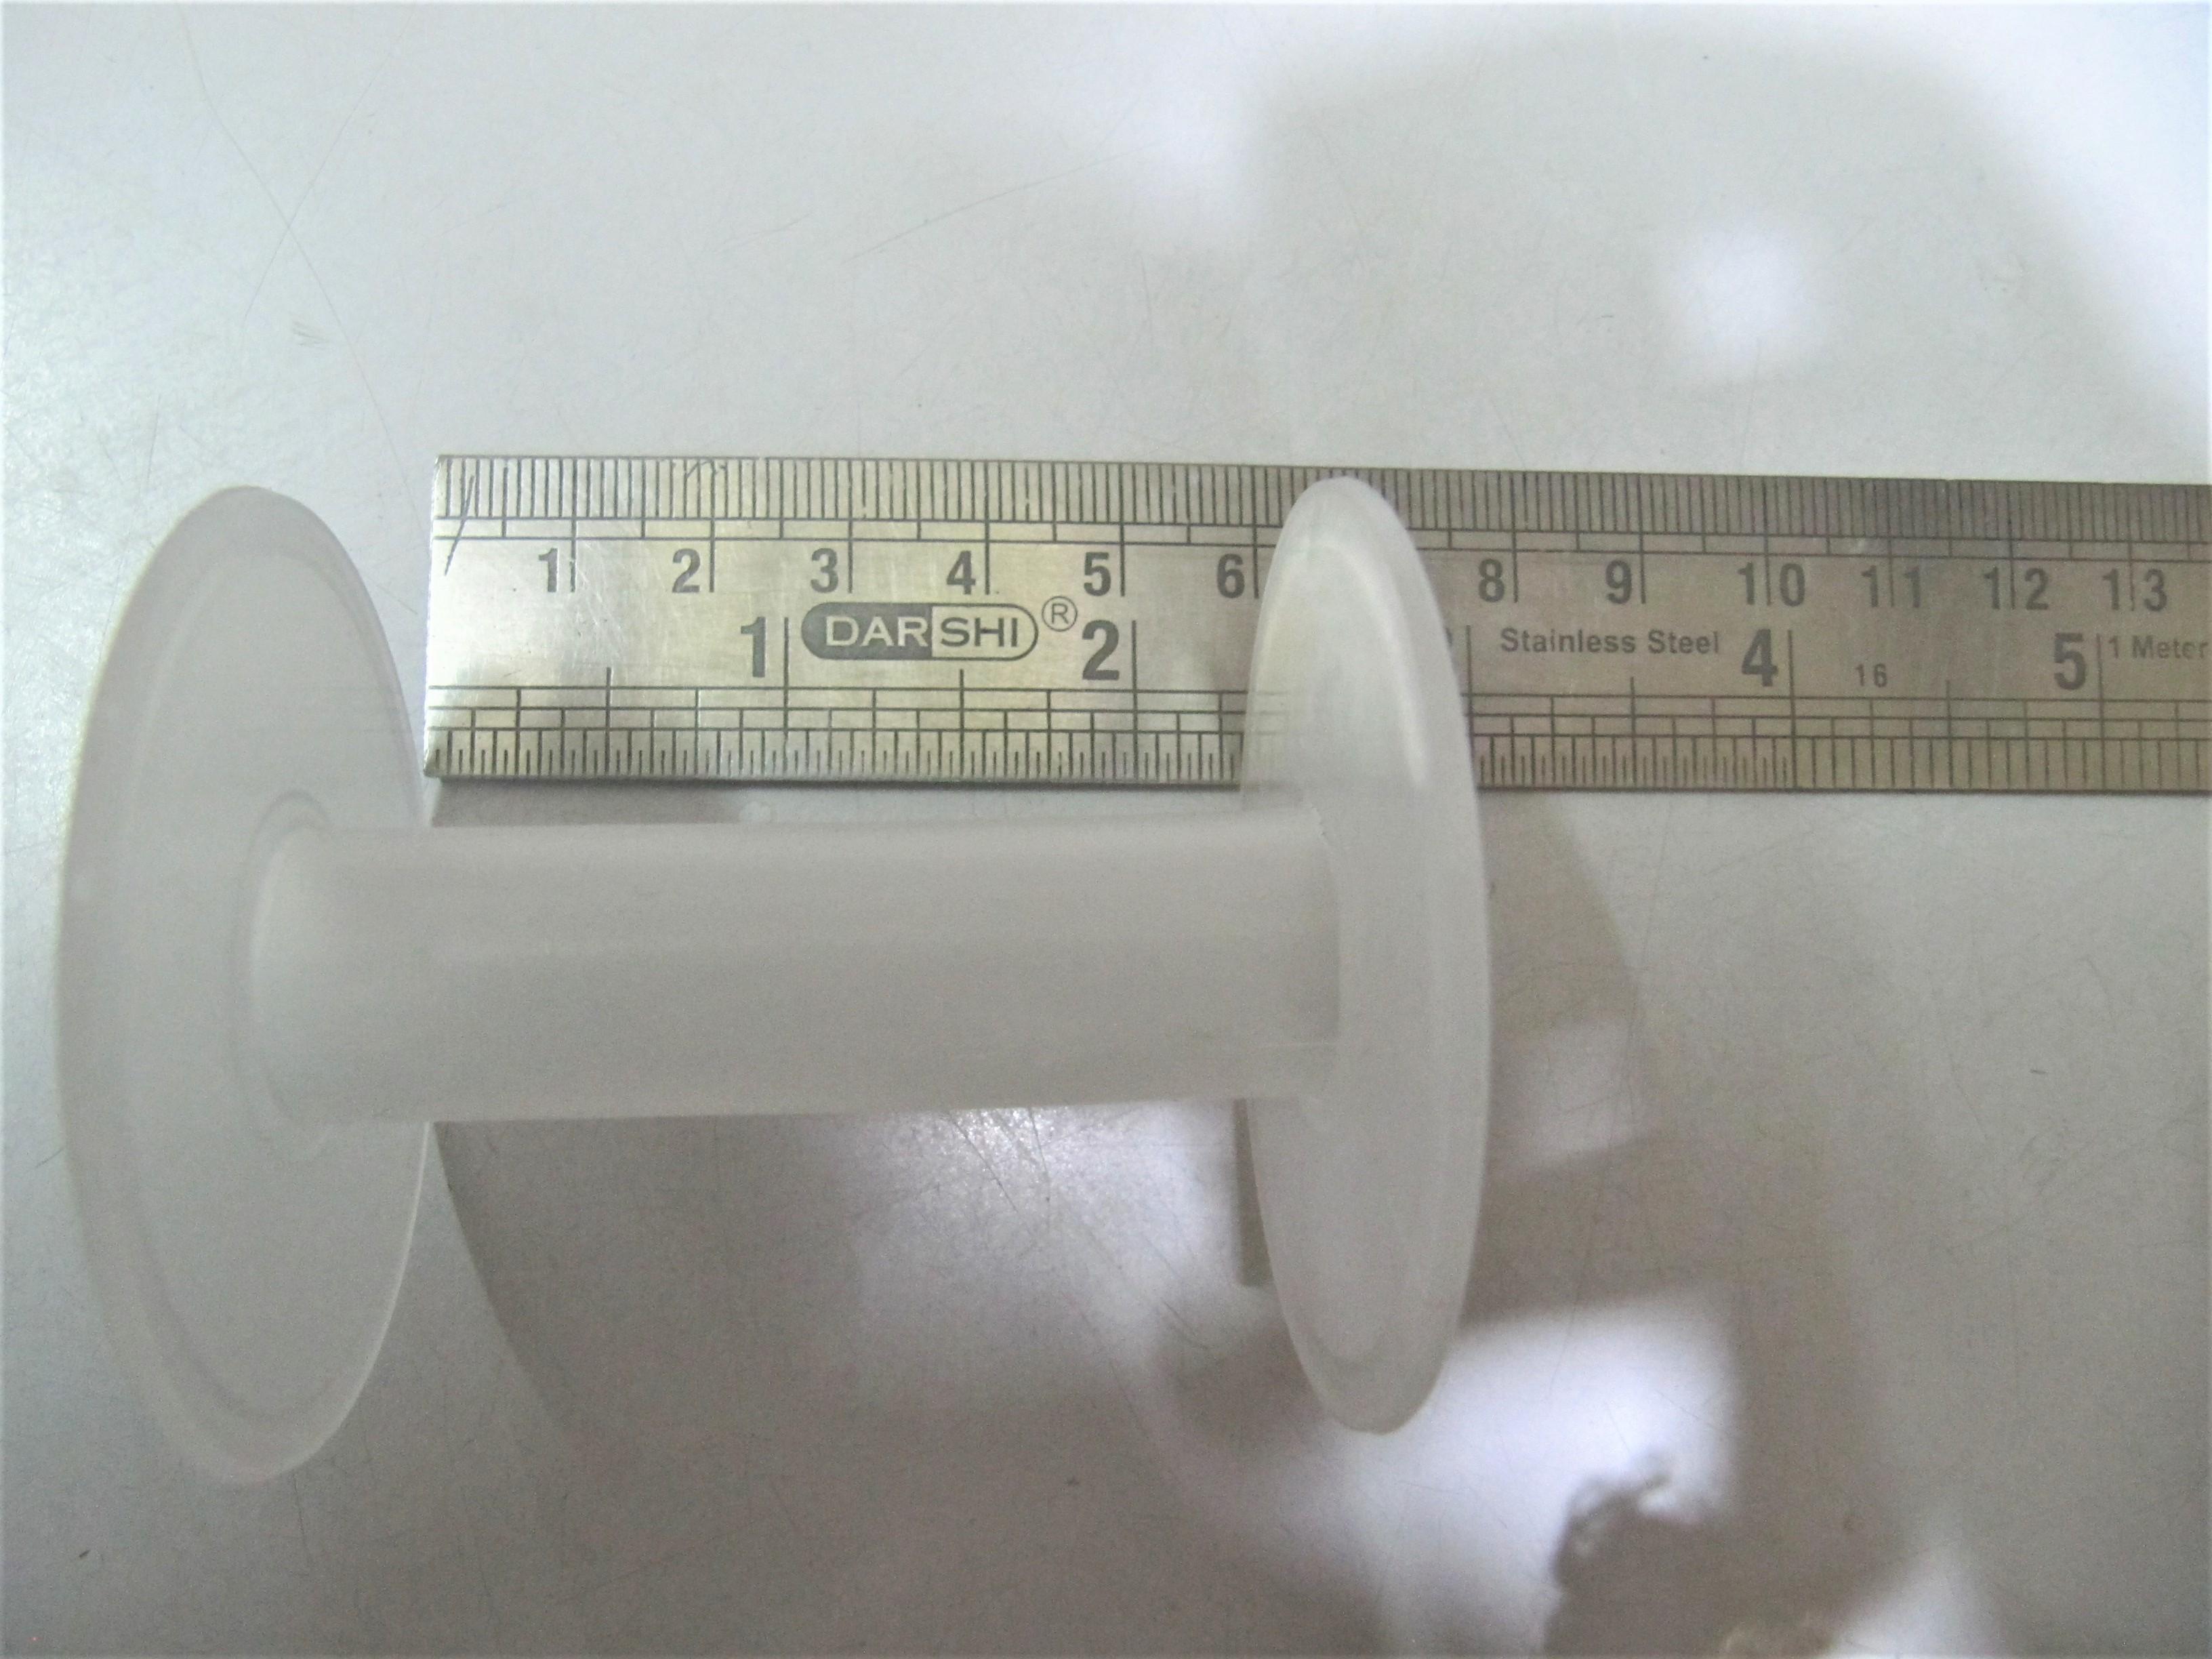 White Plastic Spools Empty Wire Spools Roll A1